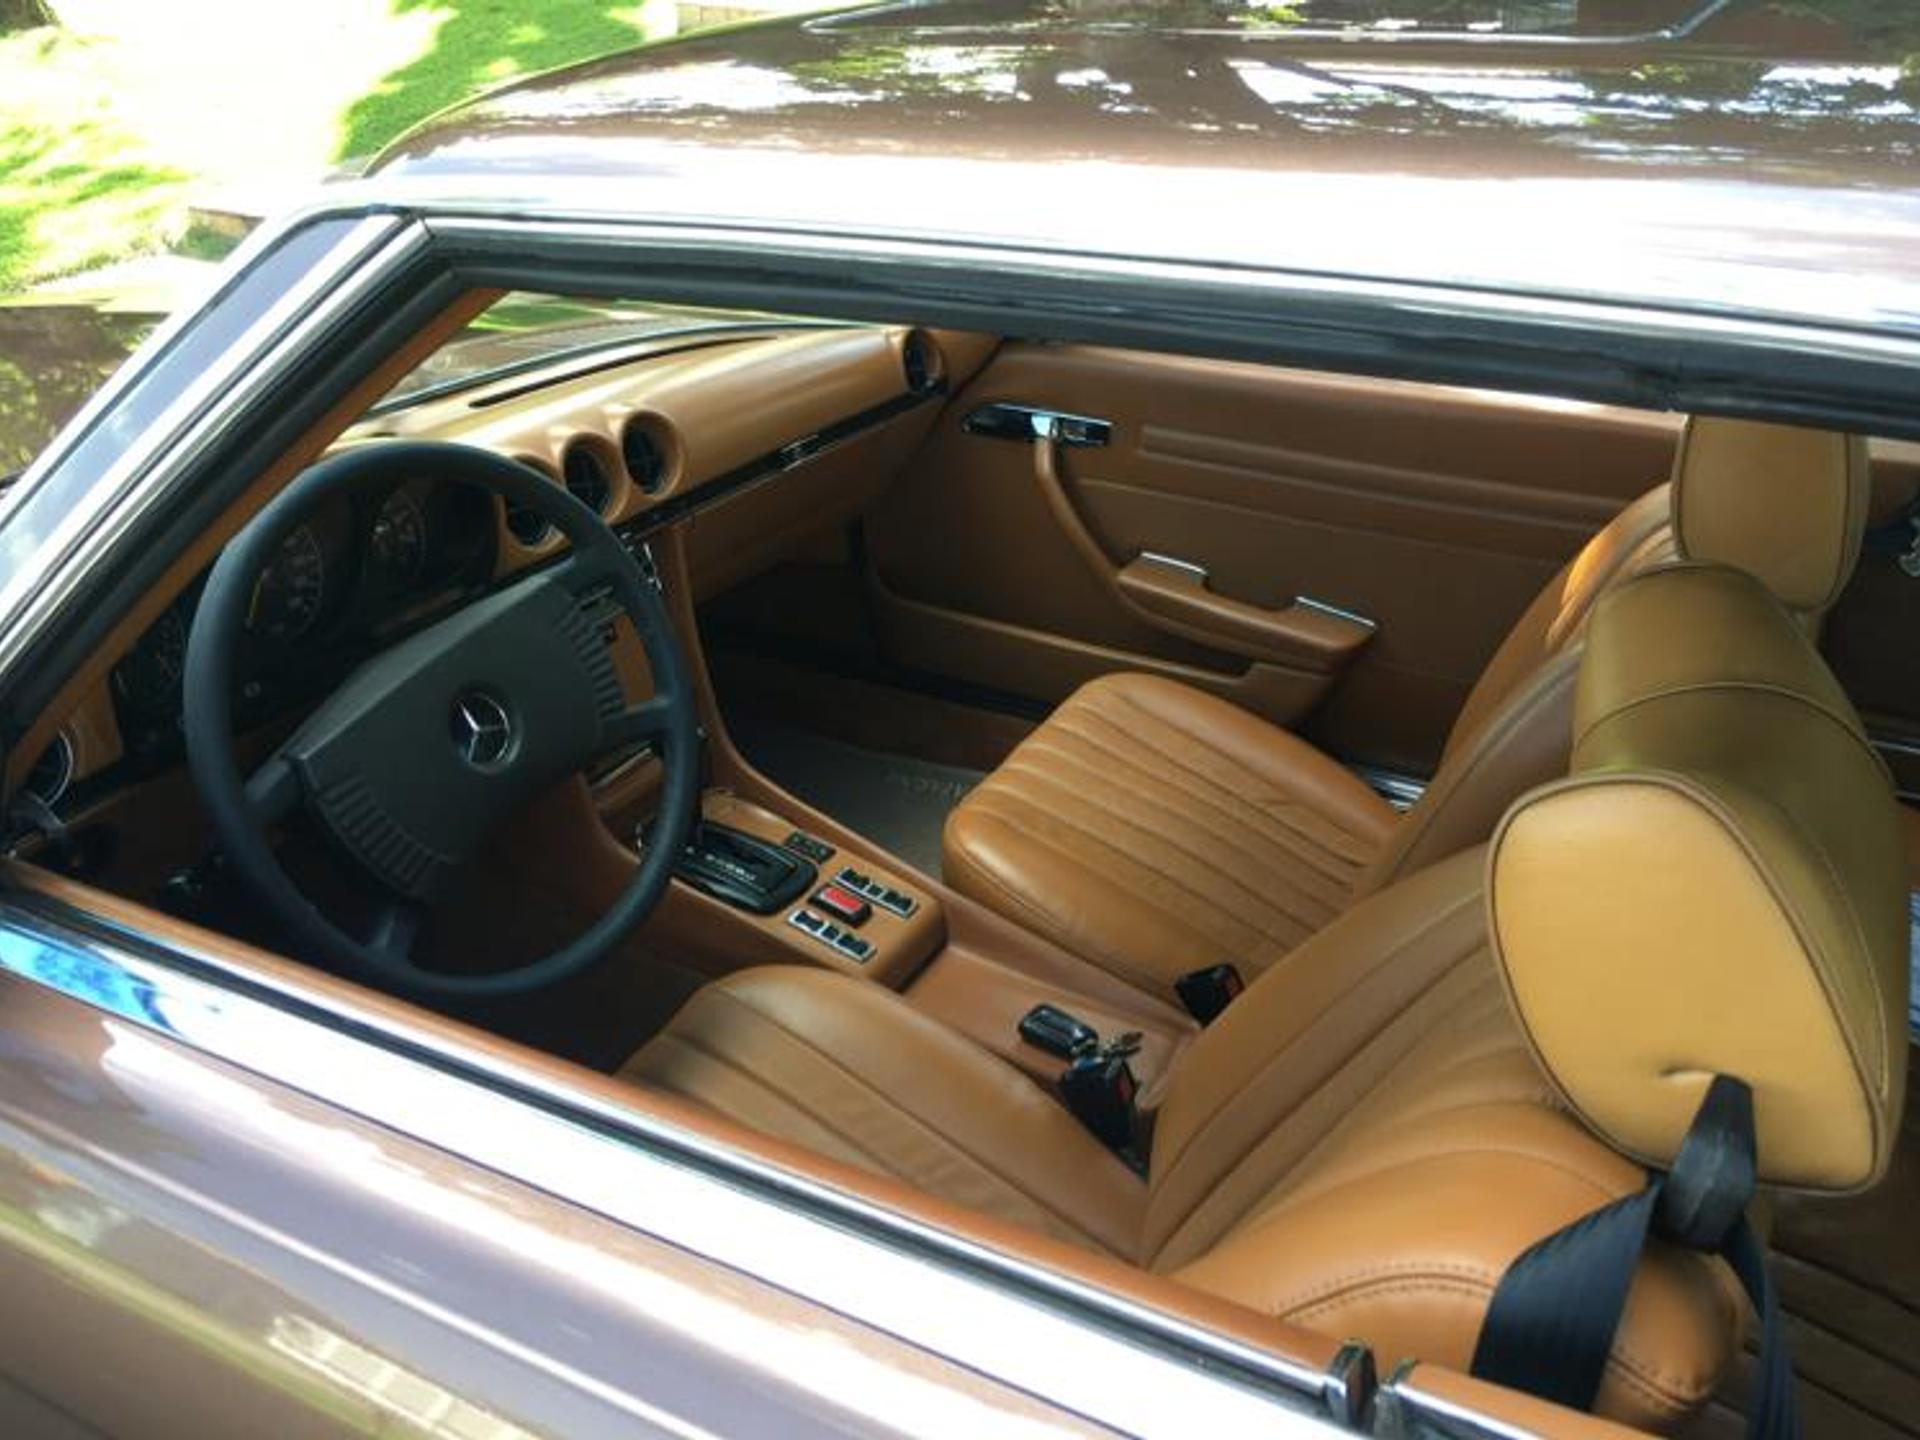 C107 SLC 280 1977 - R$ 100.000,00 Mercedesbenz-280-slc-2.8-i6-12v-gasolina-2p-automatico-wmimagem11113477396